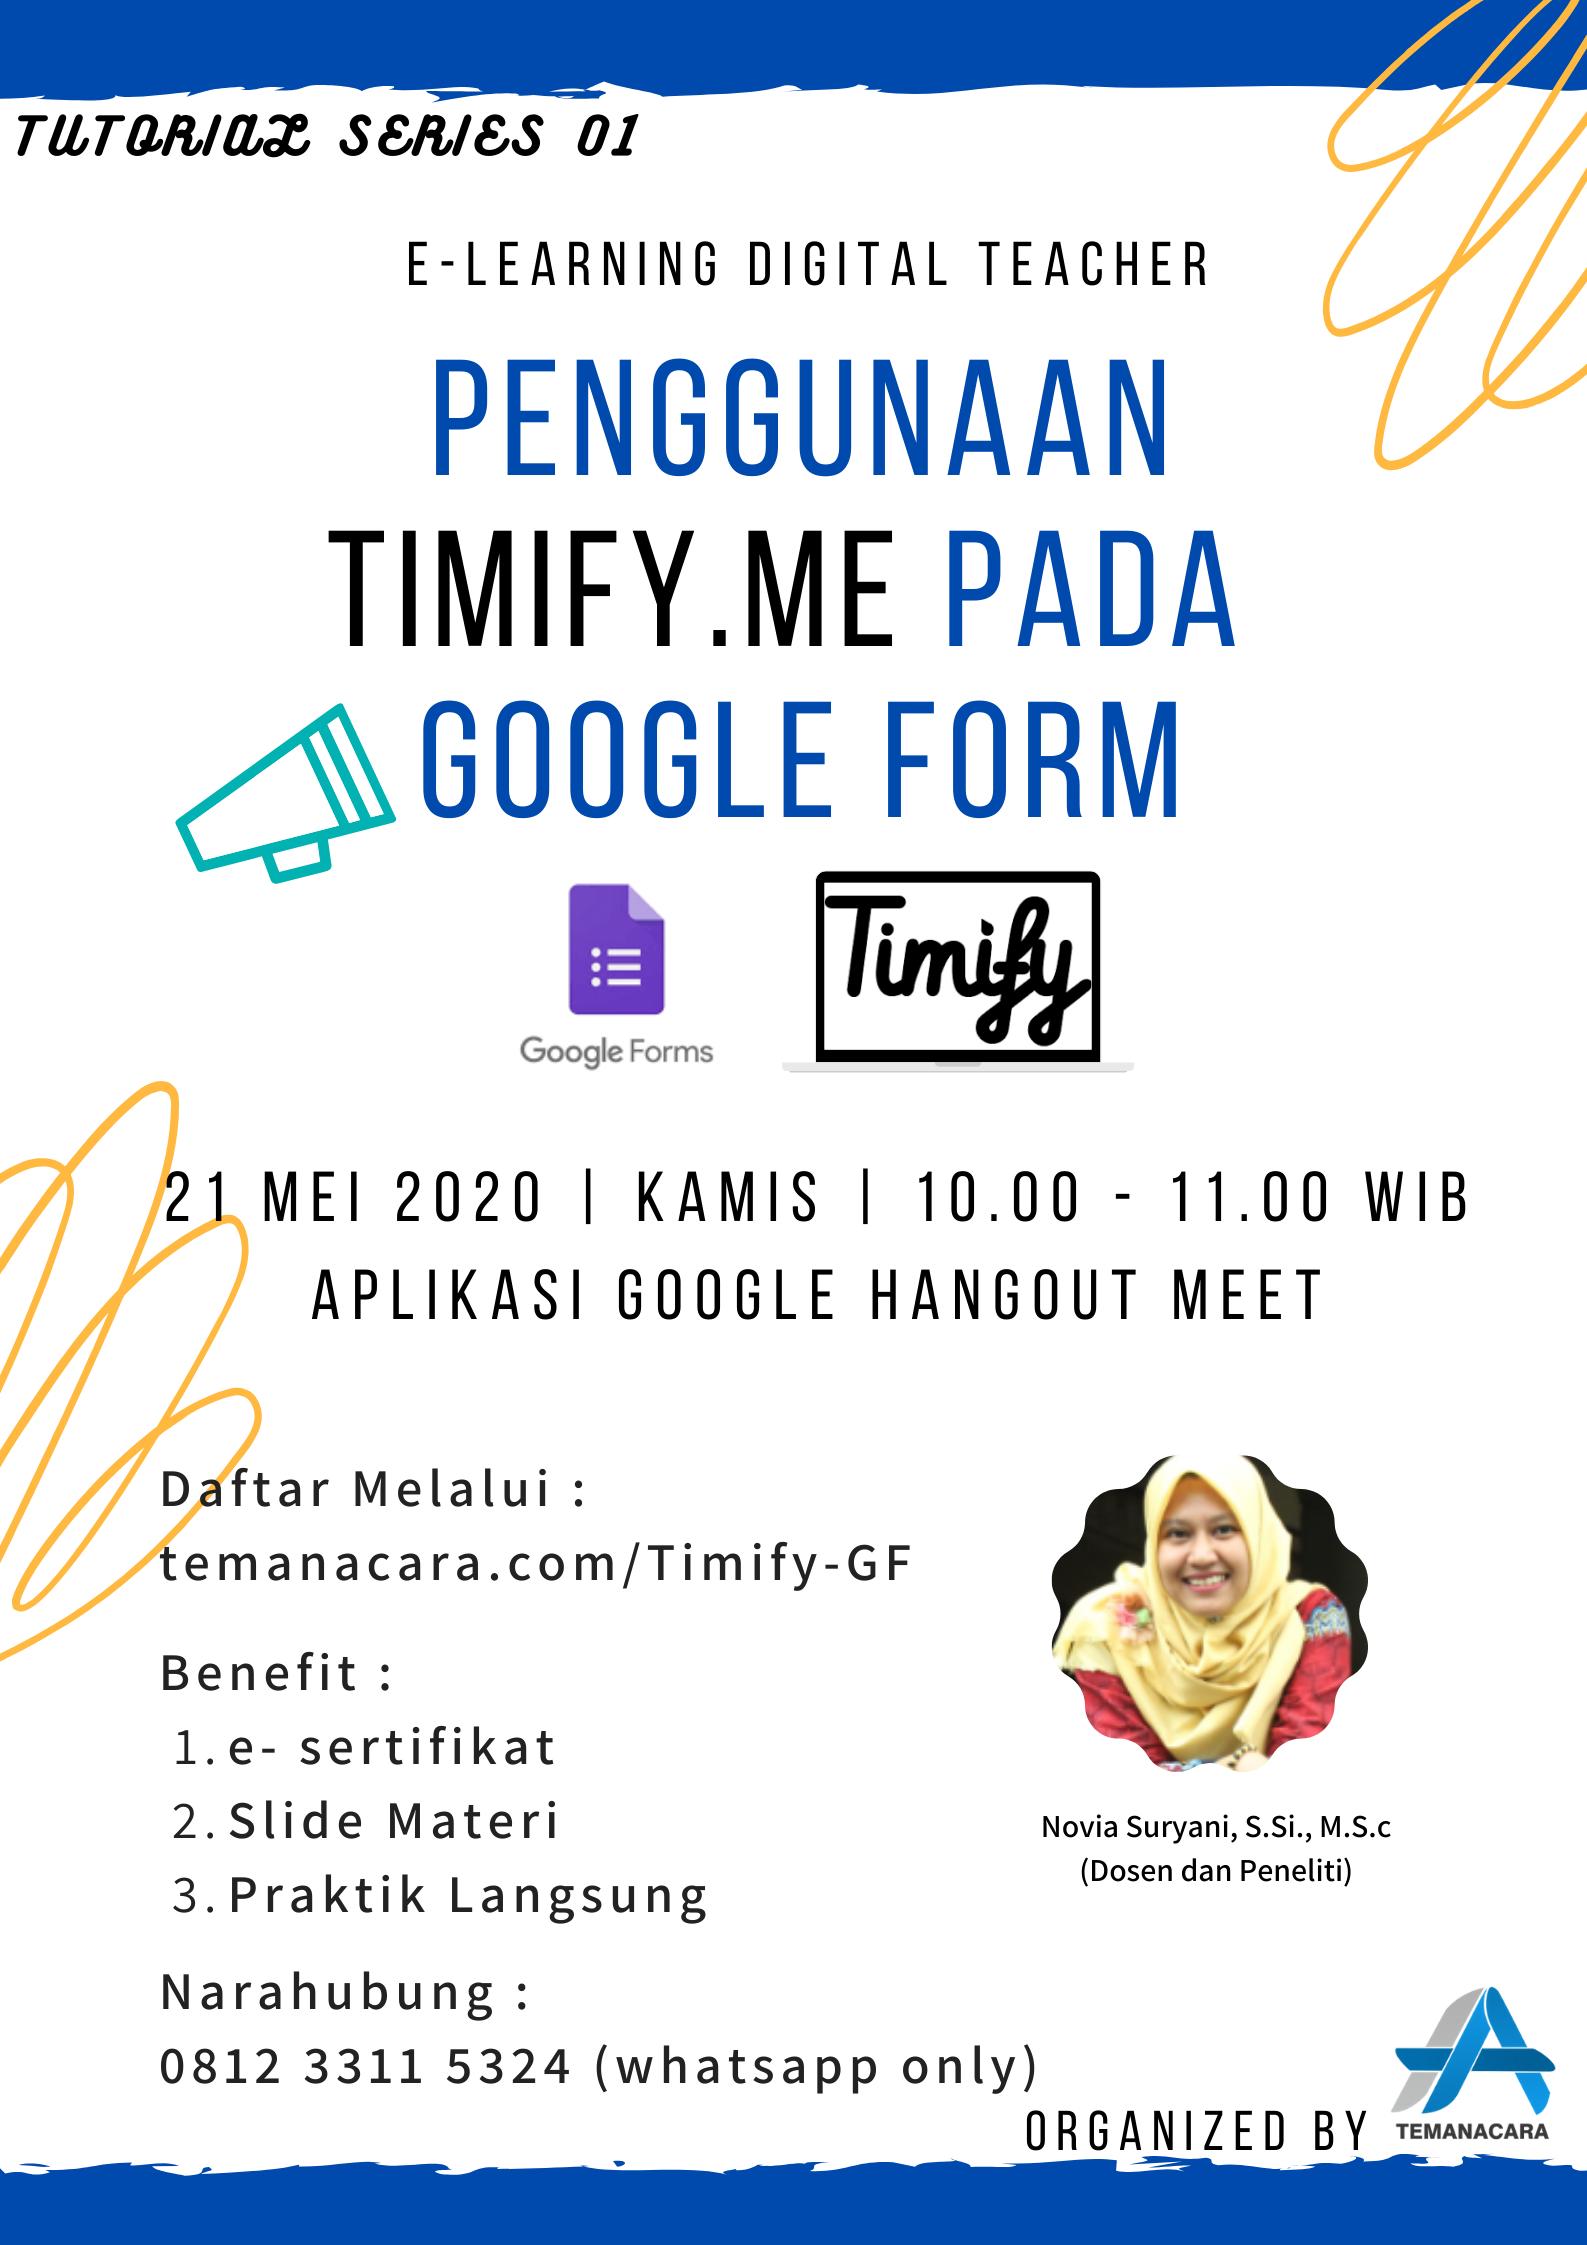 Penggunaan Timify.me Pada Google Form